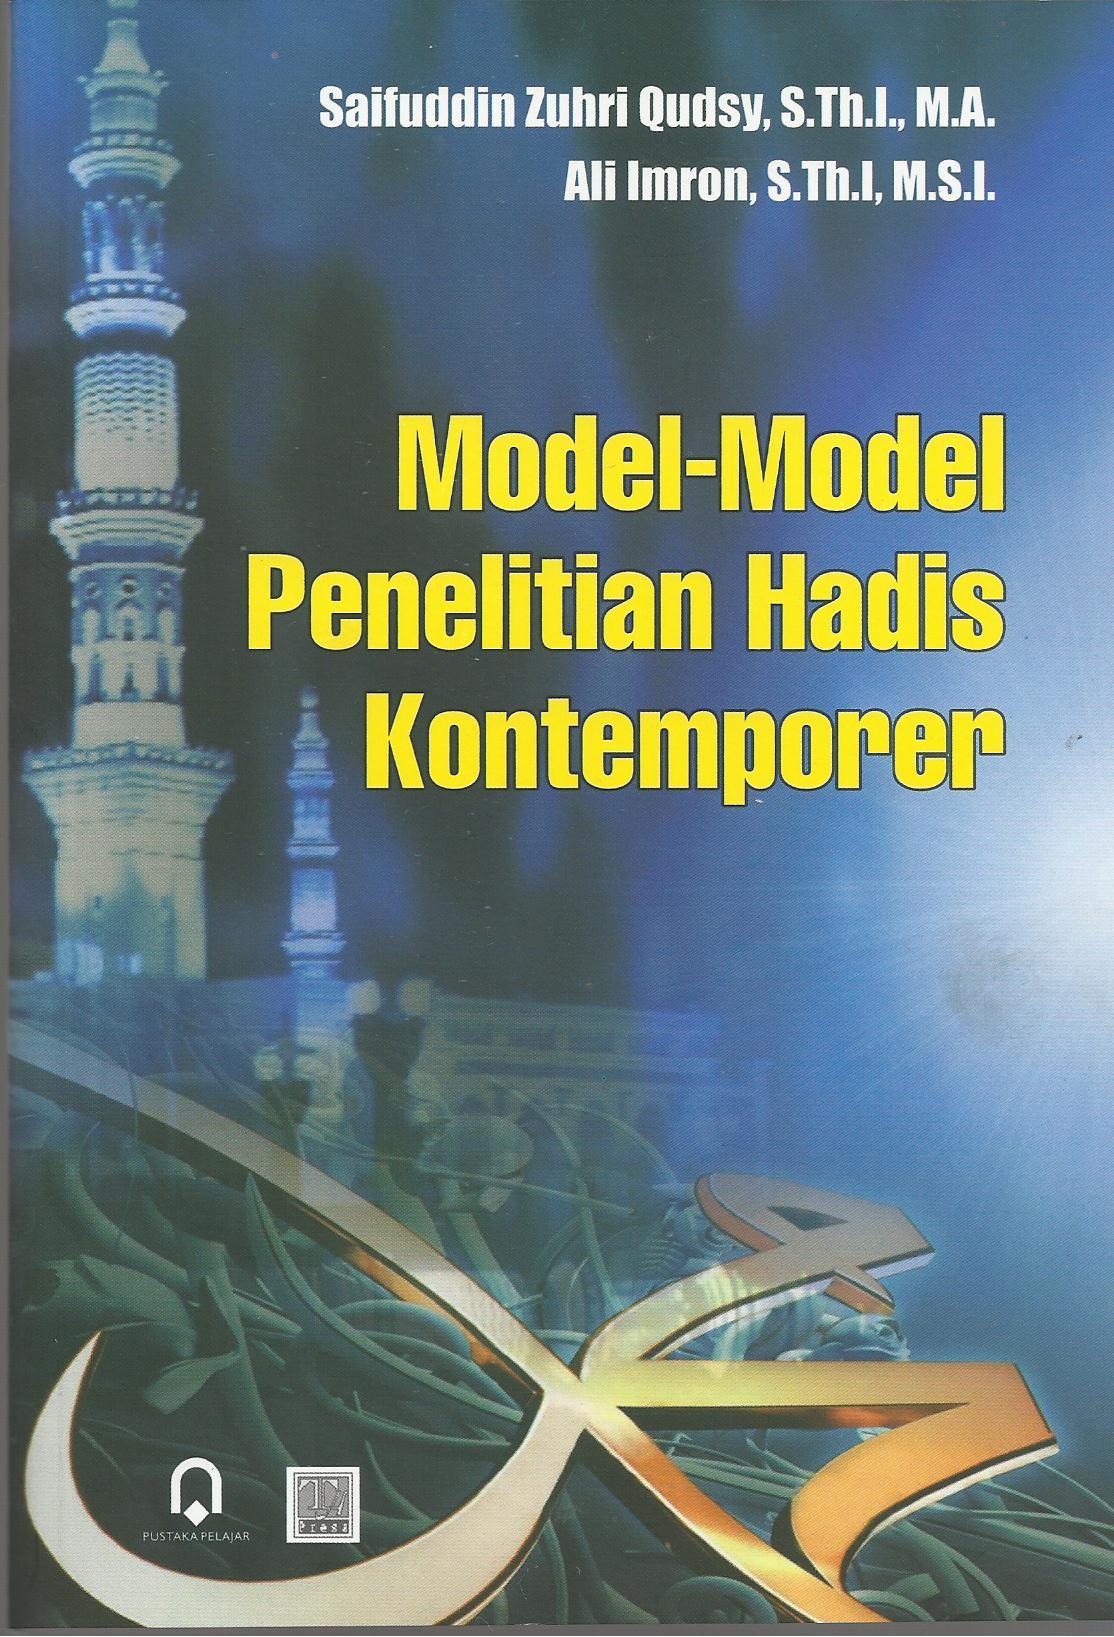 Model-Model Penelitian Hadis Kontemporer